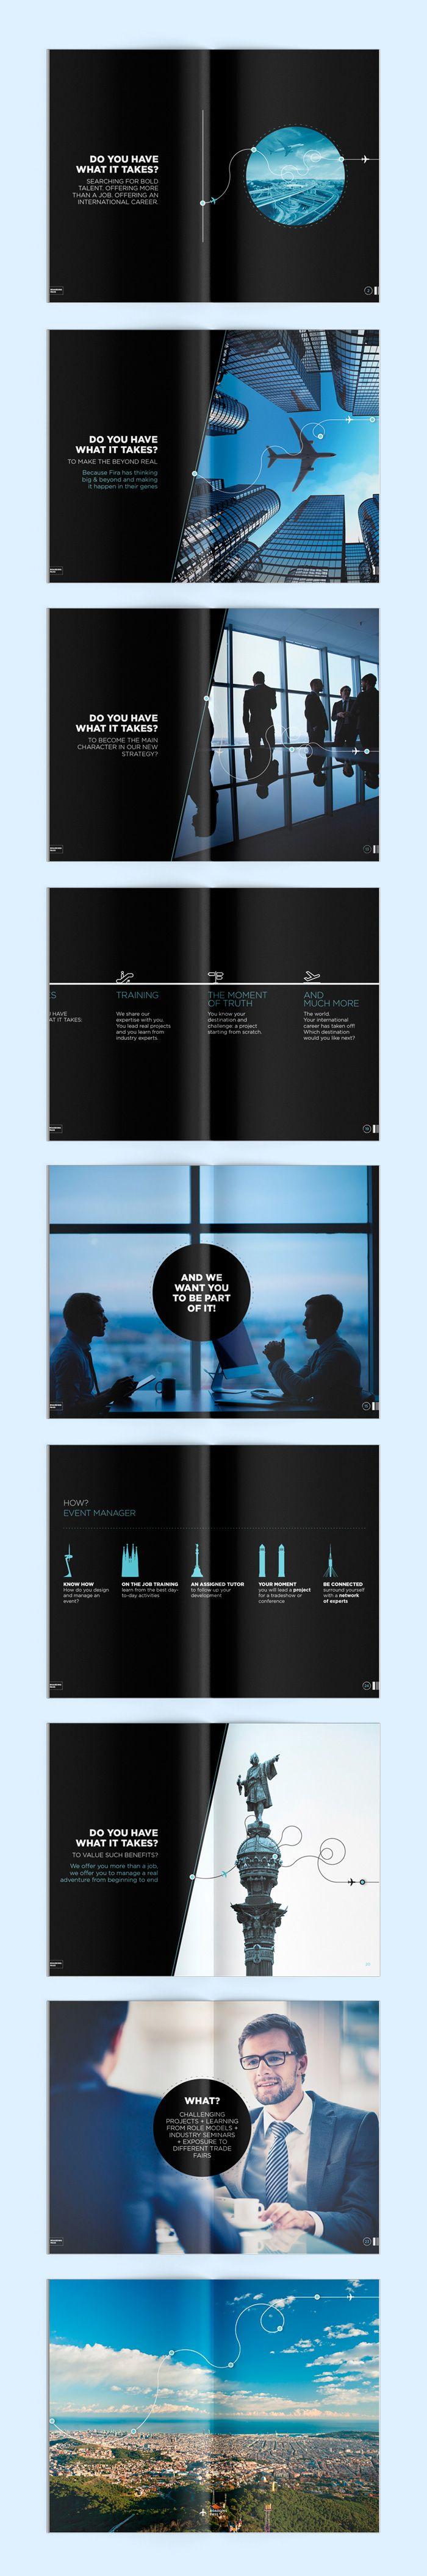 Diseño Dossier Corporativo. Vestidadeflores.com (Ariadna Rivera)